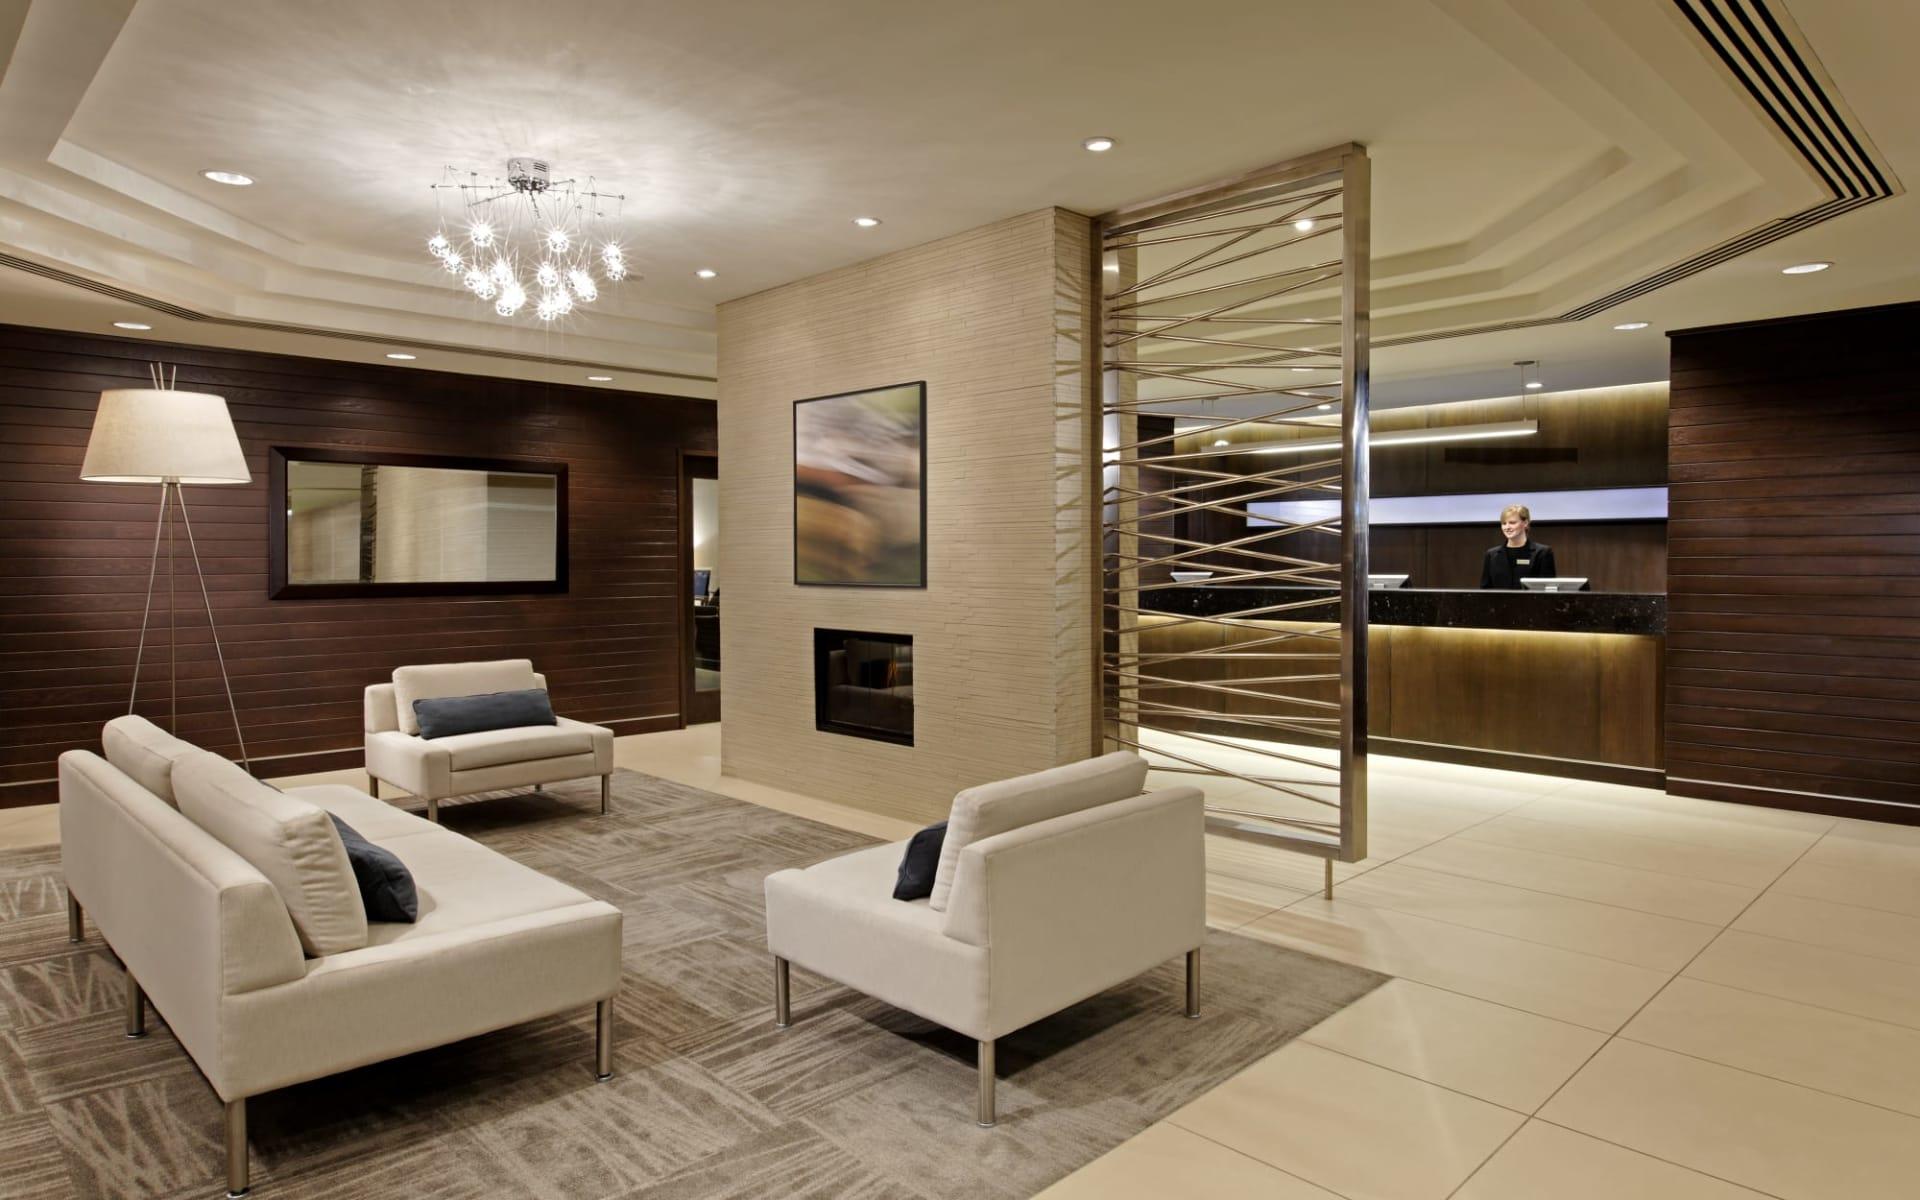 Cambridge Suites in Halifax:  Cambridge Suites_Lobby